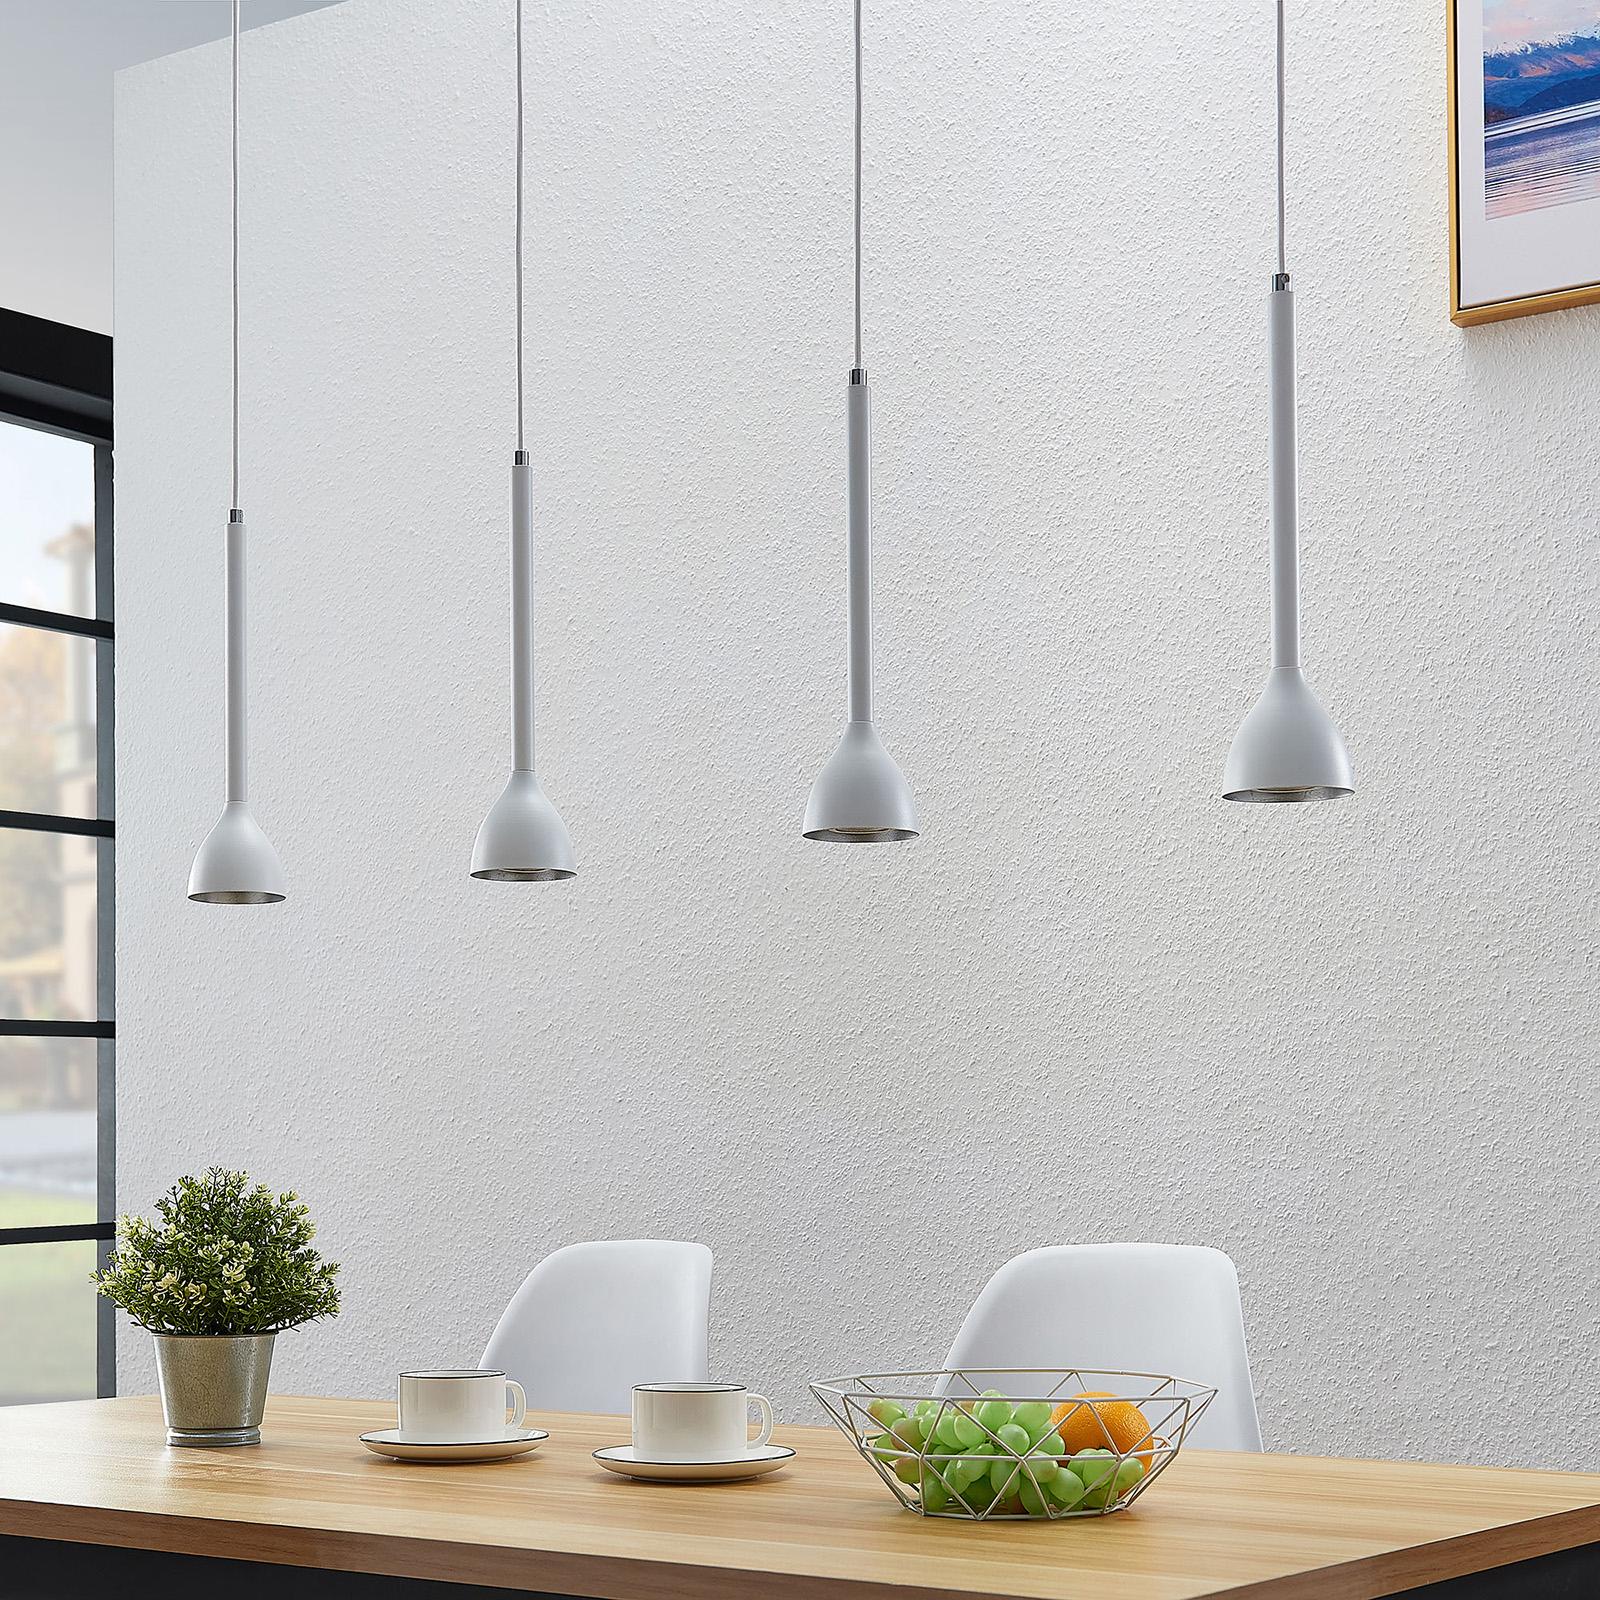 Závěsné světlo Nordwin, 4zdrojové, bílo-stříbrné